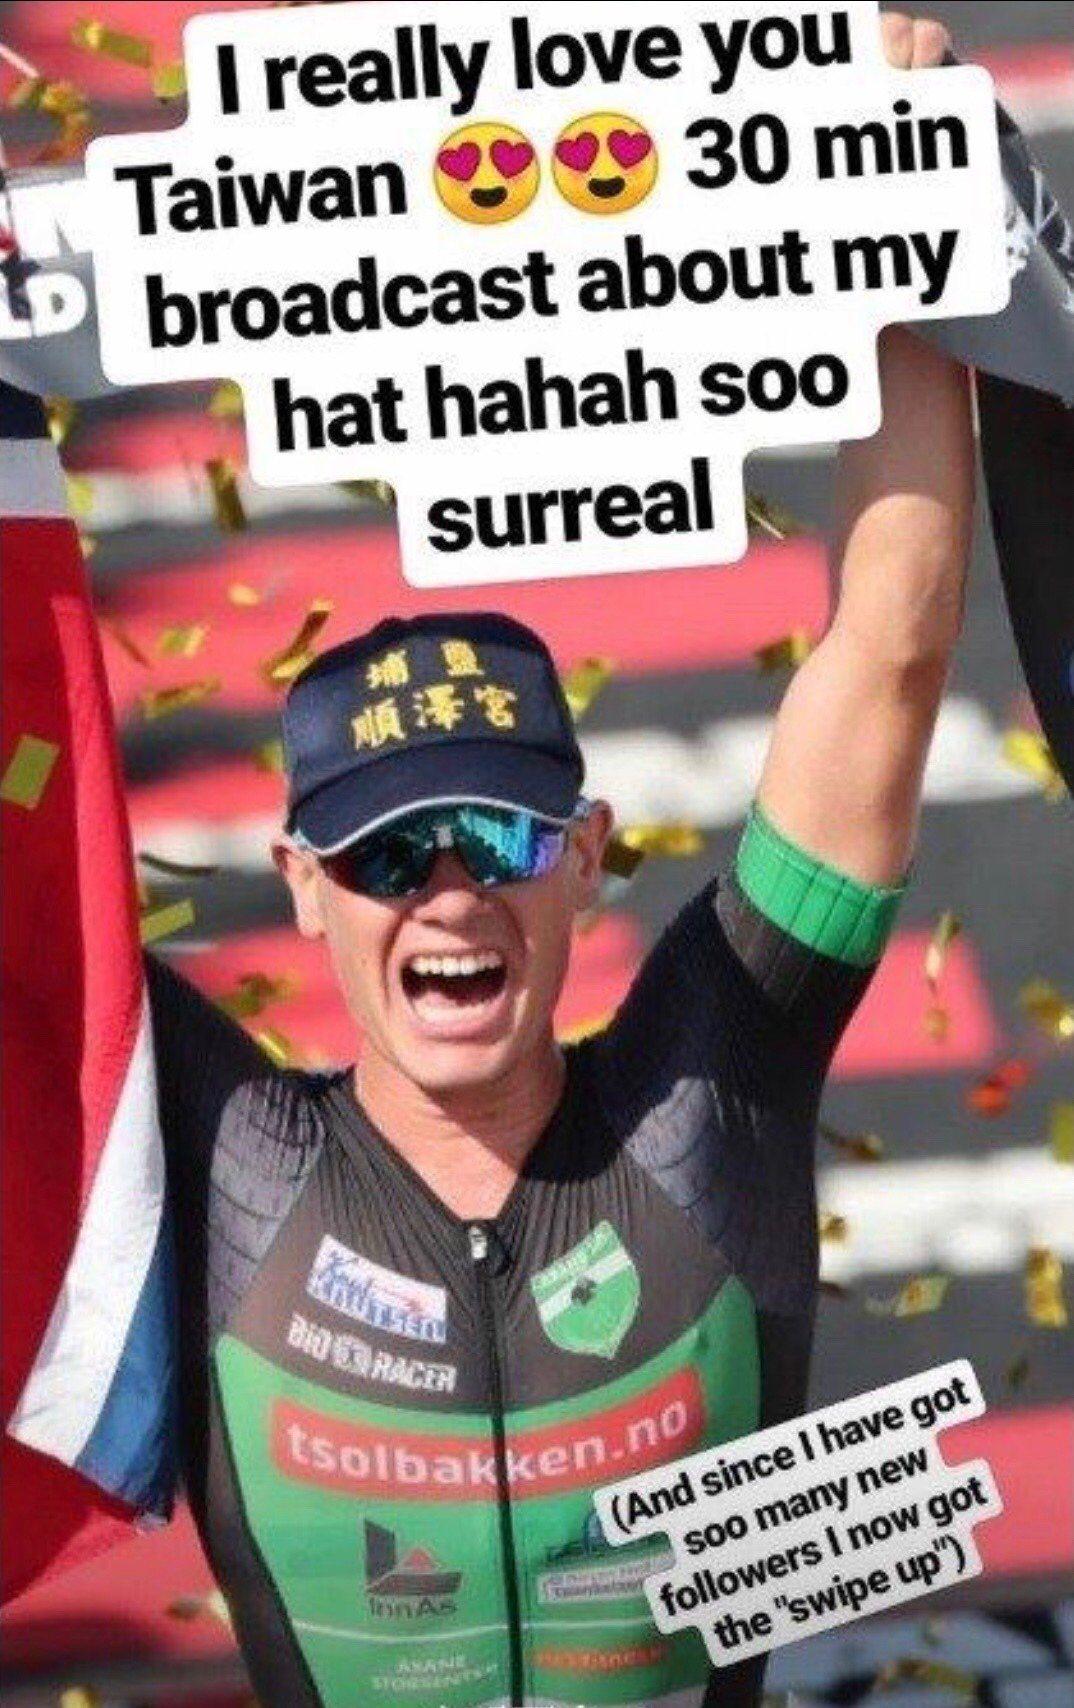 挪威選手艾登(Gustav Iden)在日本撿到埔鹽順澤宮的帽子,視為是會帶給他...